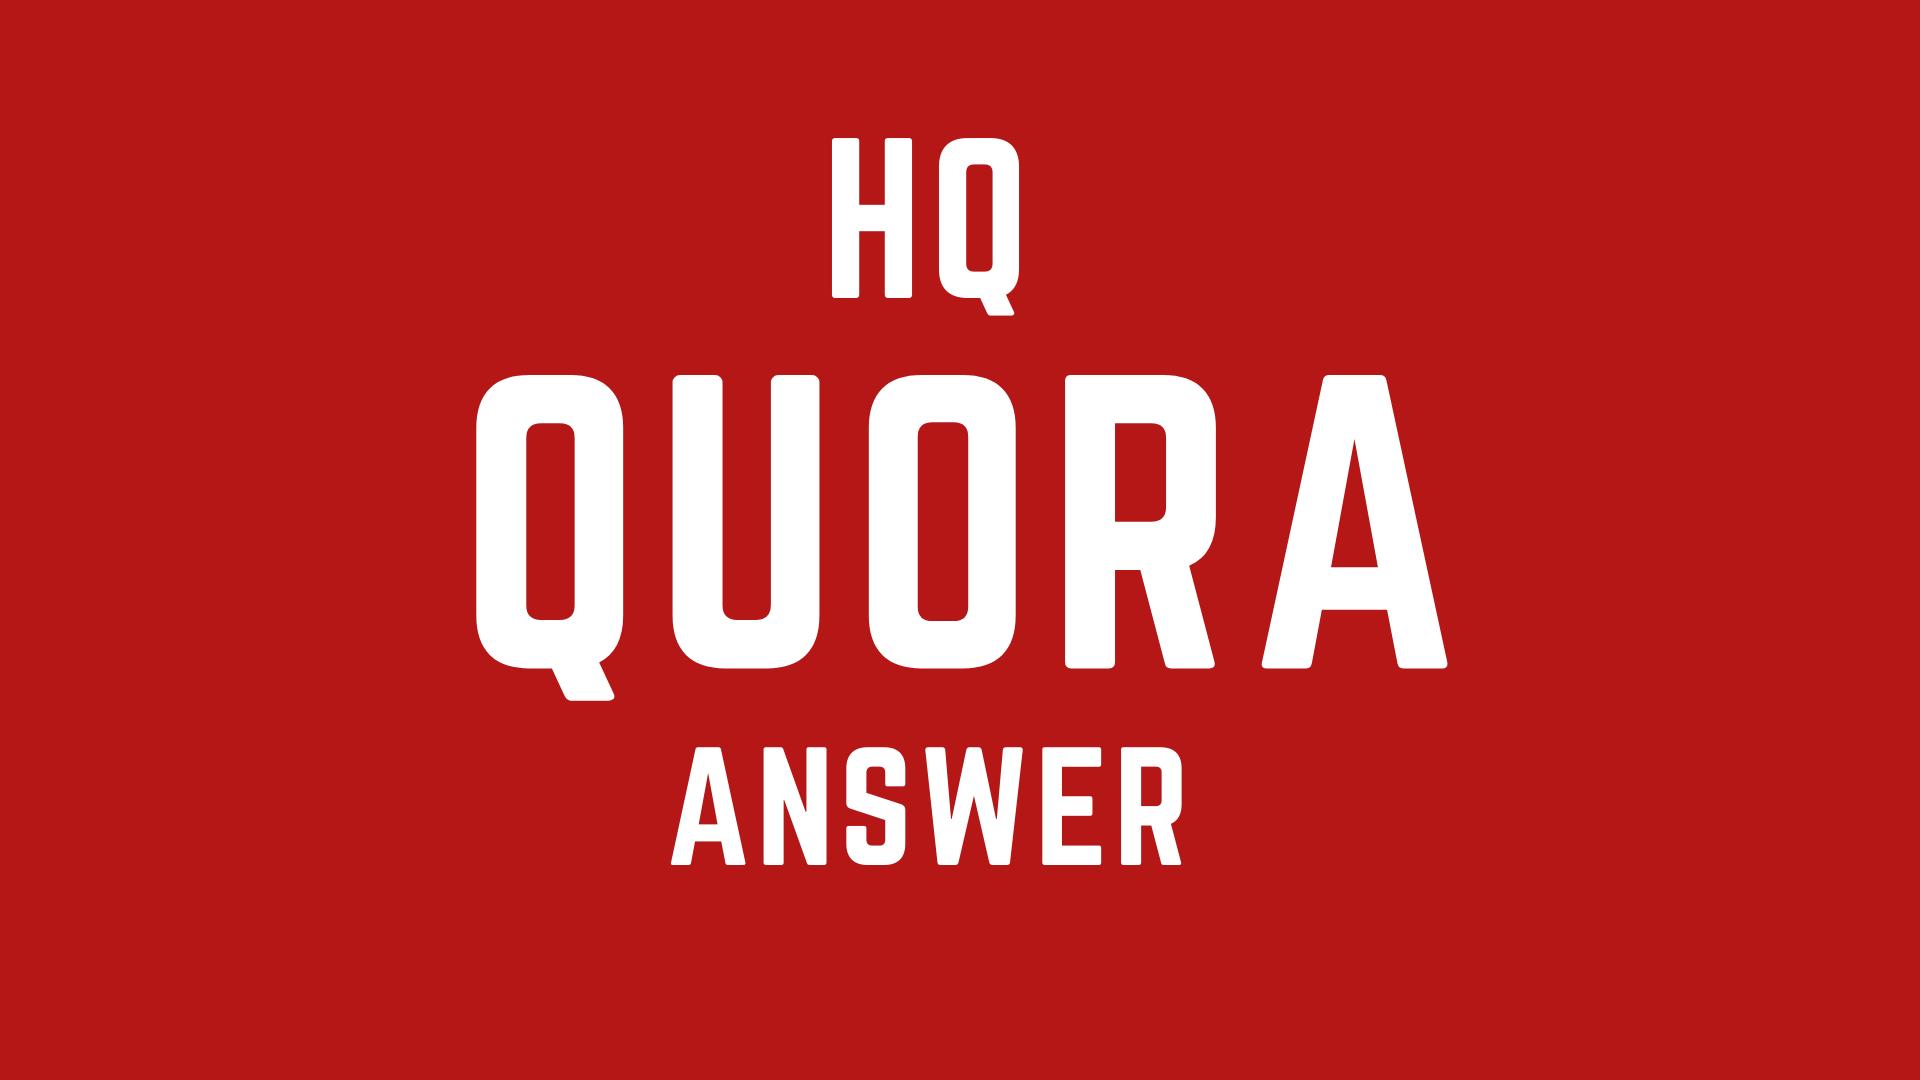 Niche relevant HQ 30 quora answer